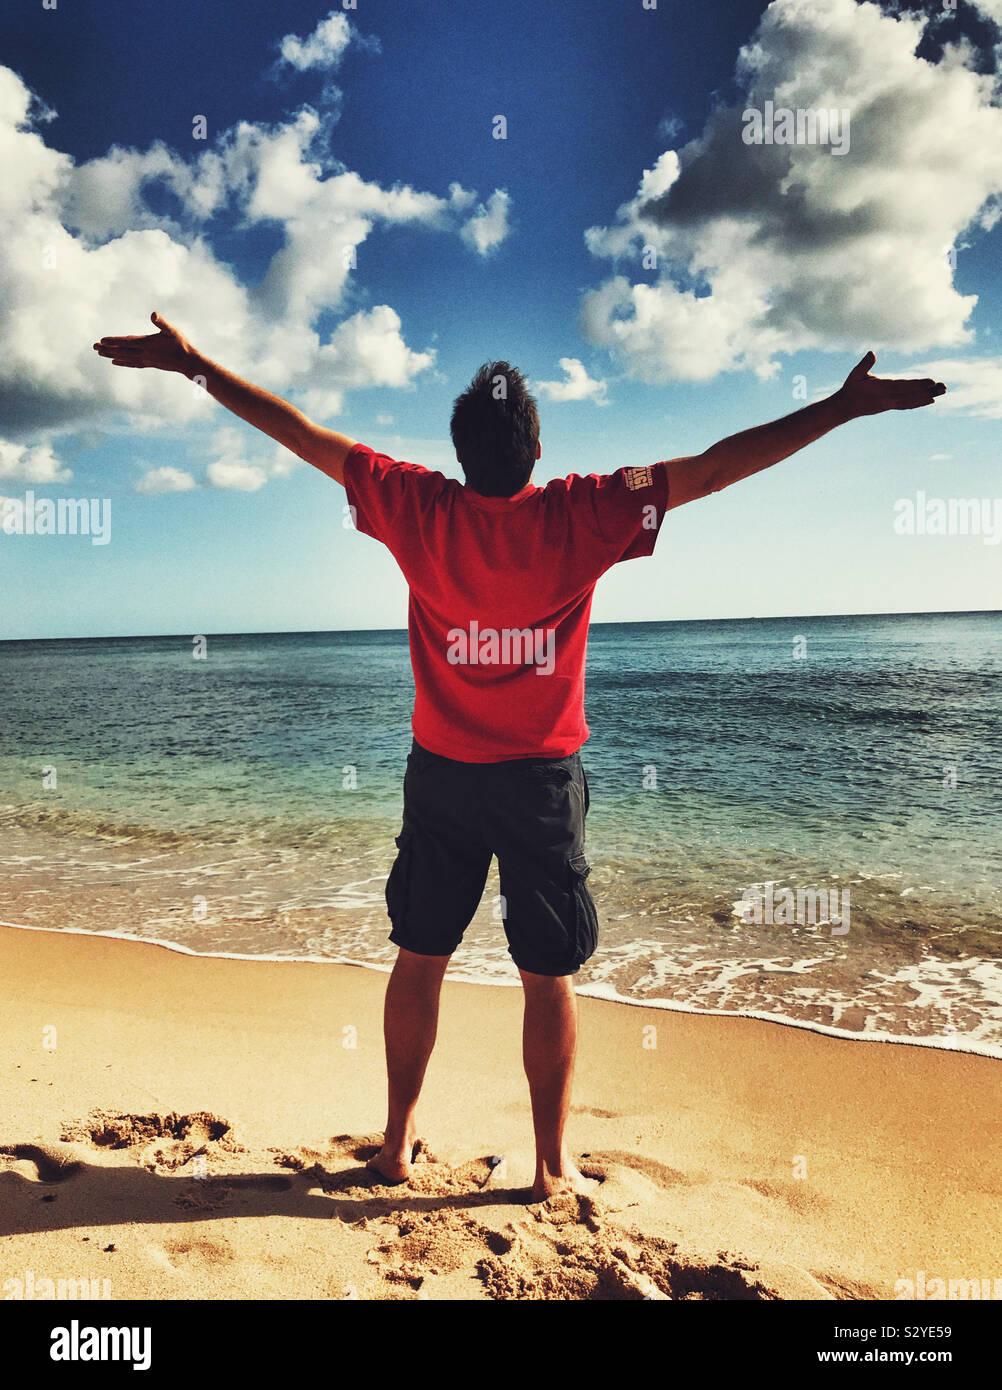 Un uomo in piedi su una bellissima spiaggia fino a raggiungere il cielo Foto Stock